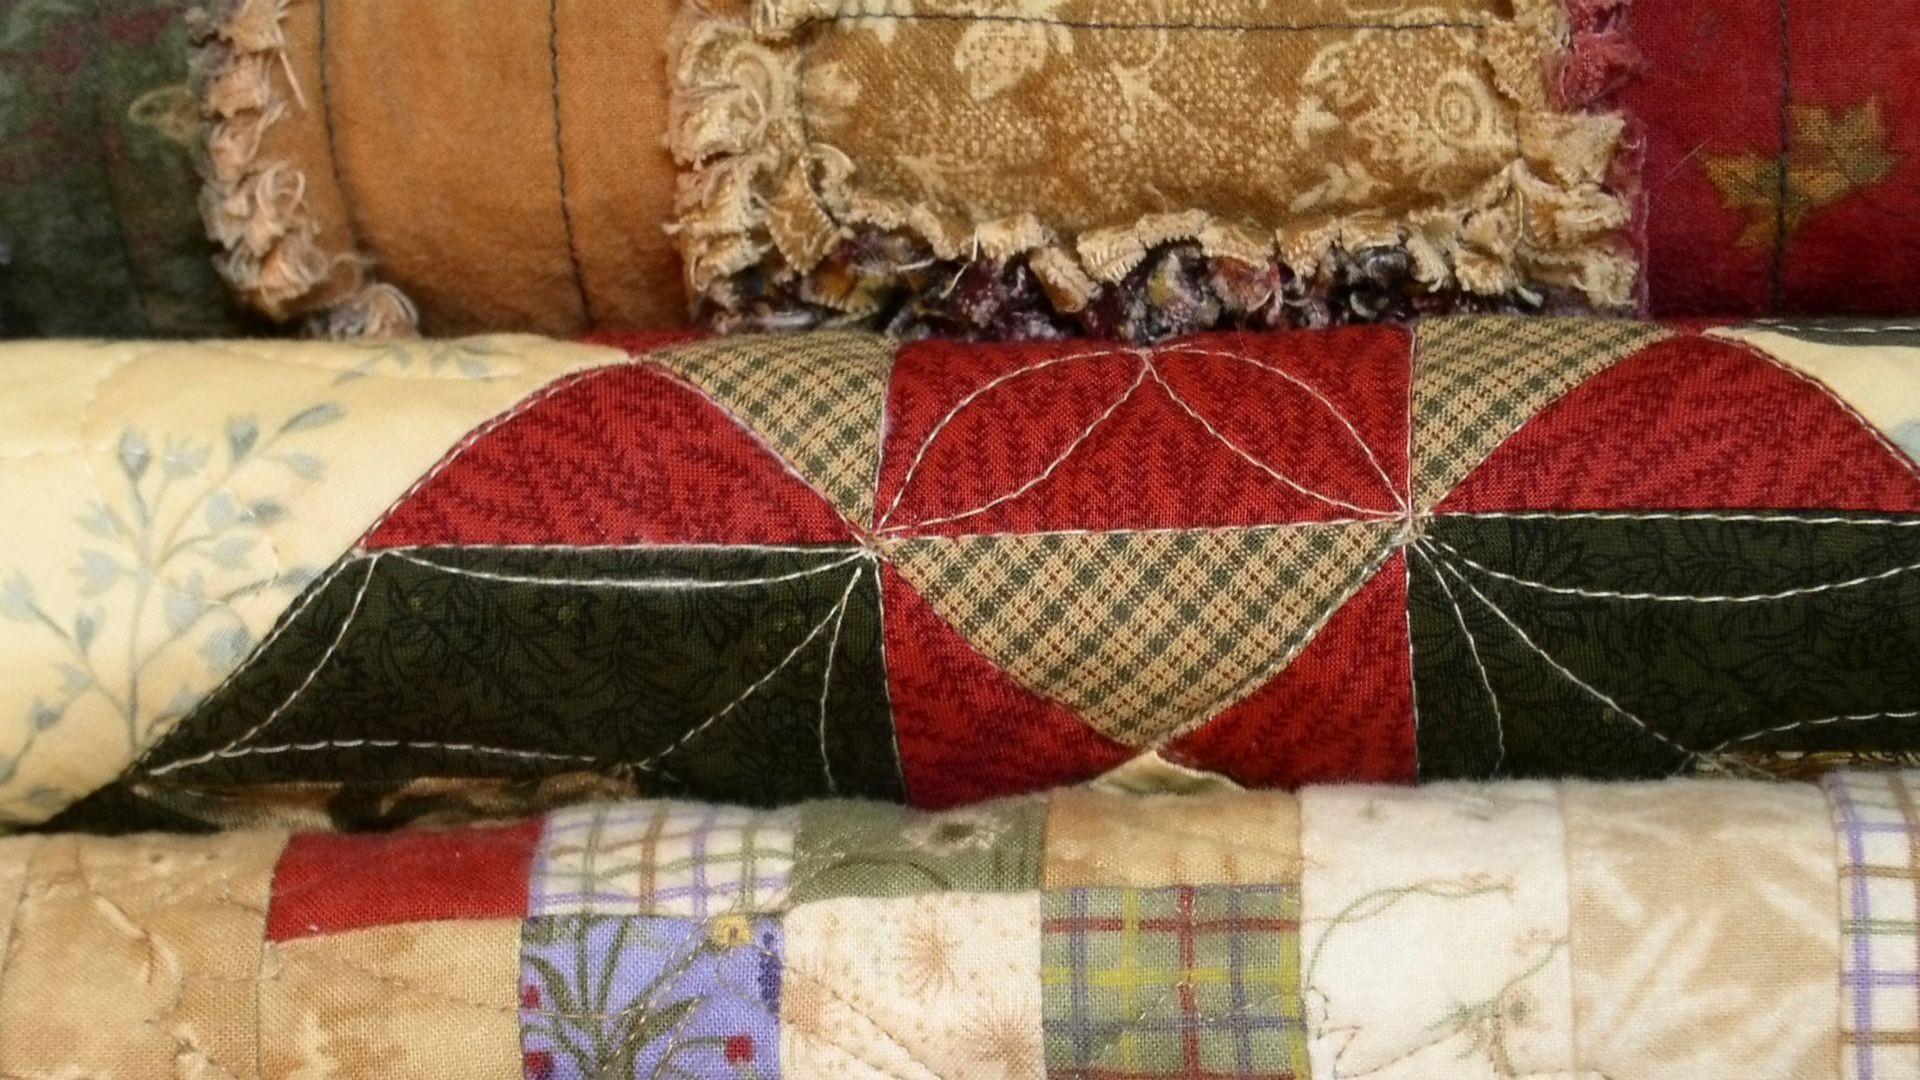 Taller de confección textil en Illescas